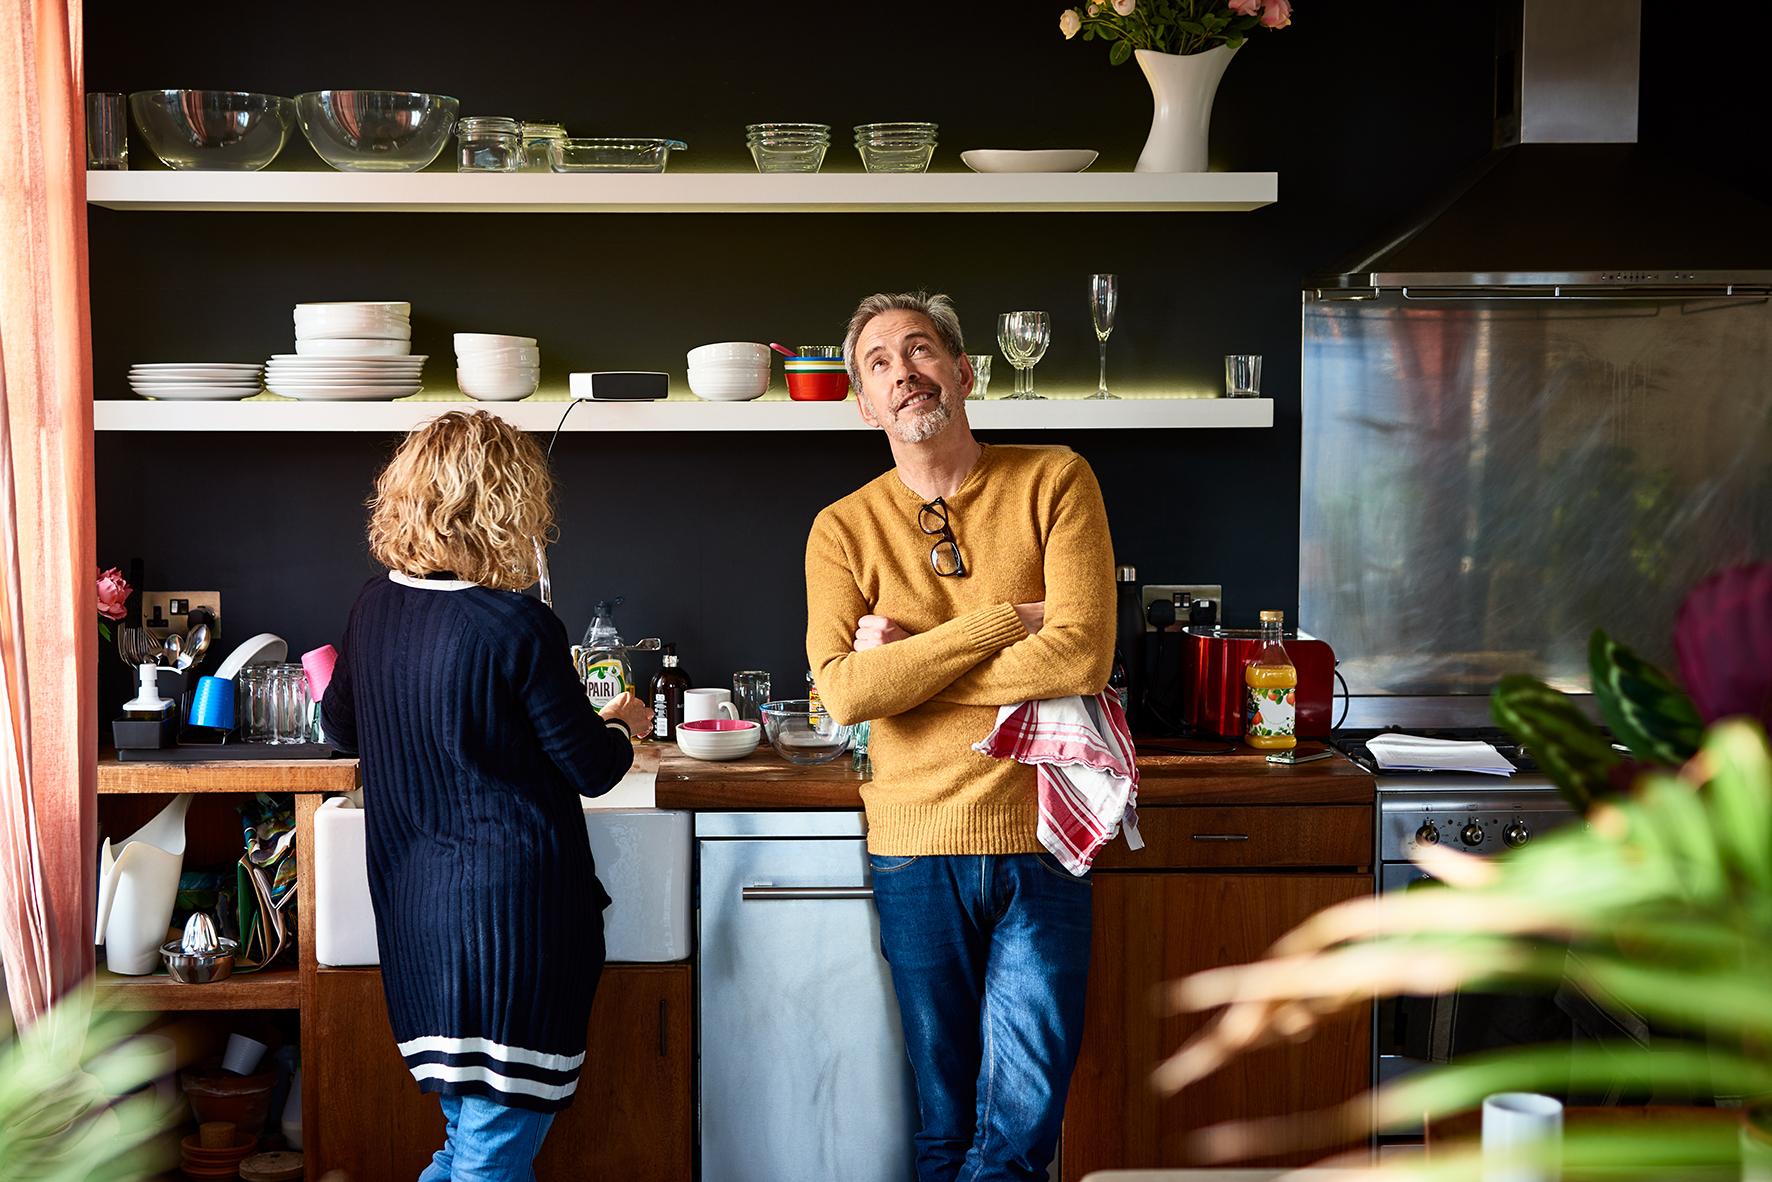 Op deze foto zie je een man tegen het aanrecht aanleunen tijdens de afwas